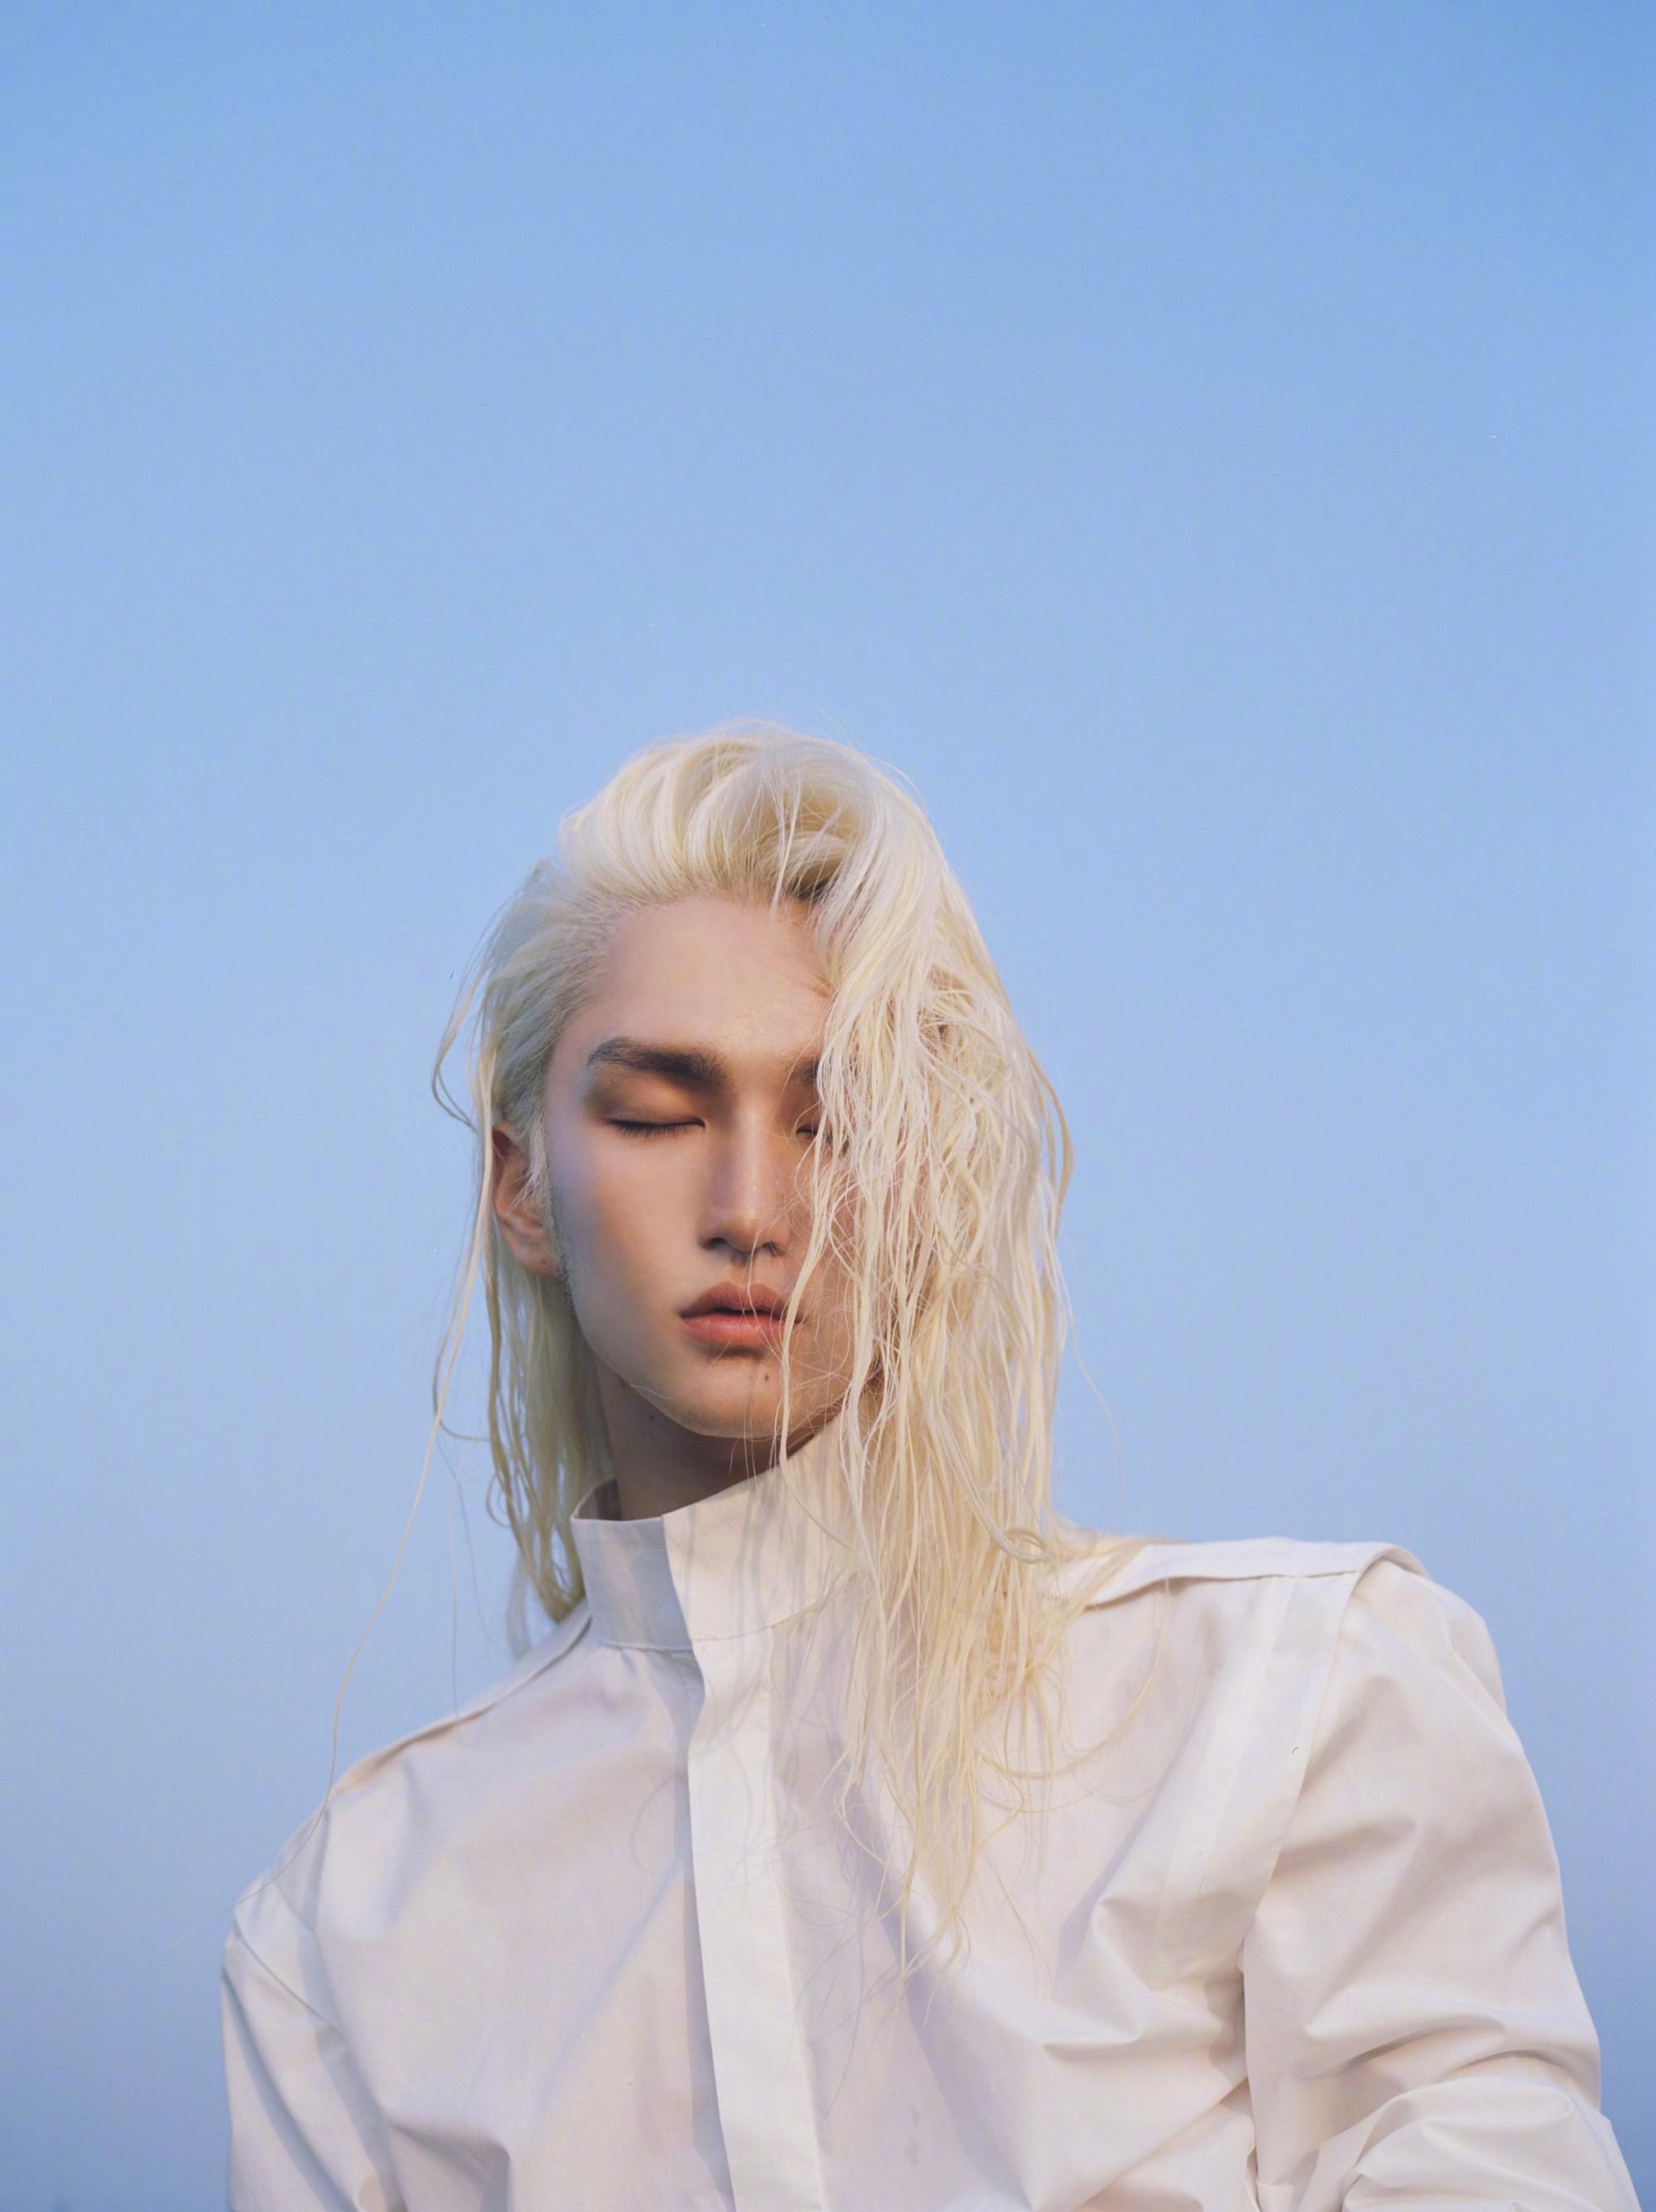 Tinh Dã - mỹ nam tóc dài đẹp như tranh một thời: Đã cắt phăng mái tóc thương hiệu, công khai bạn trai bảnh bao tựa tài tử - Ảnh 2.